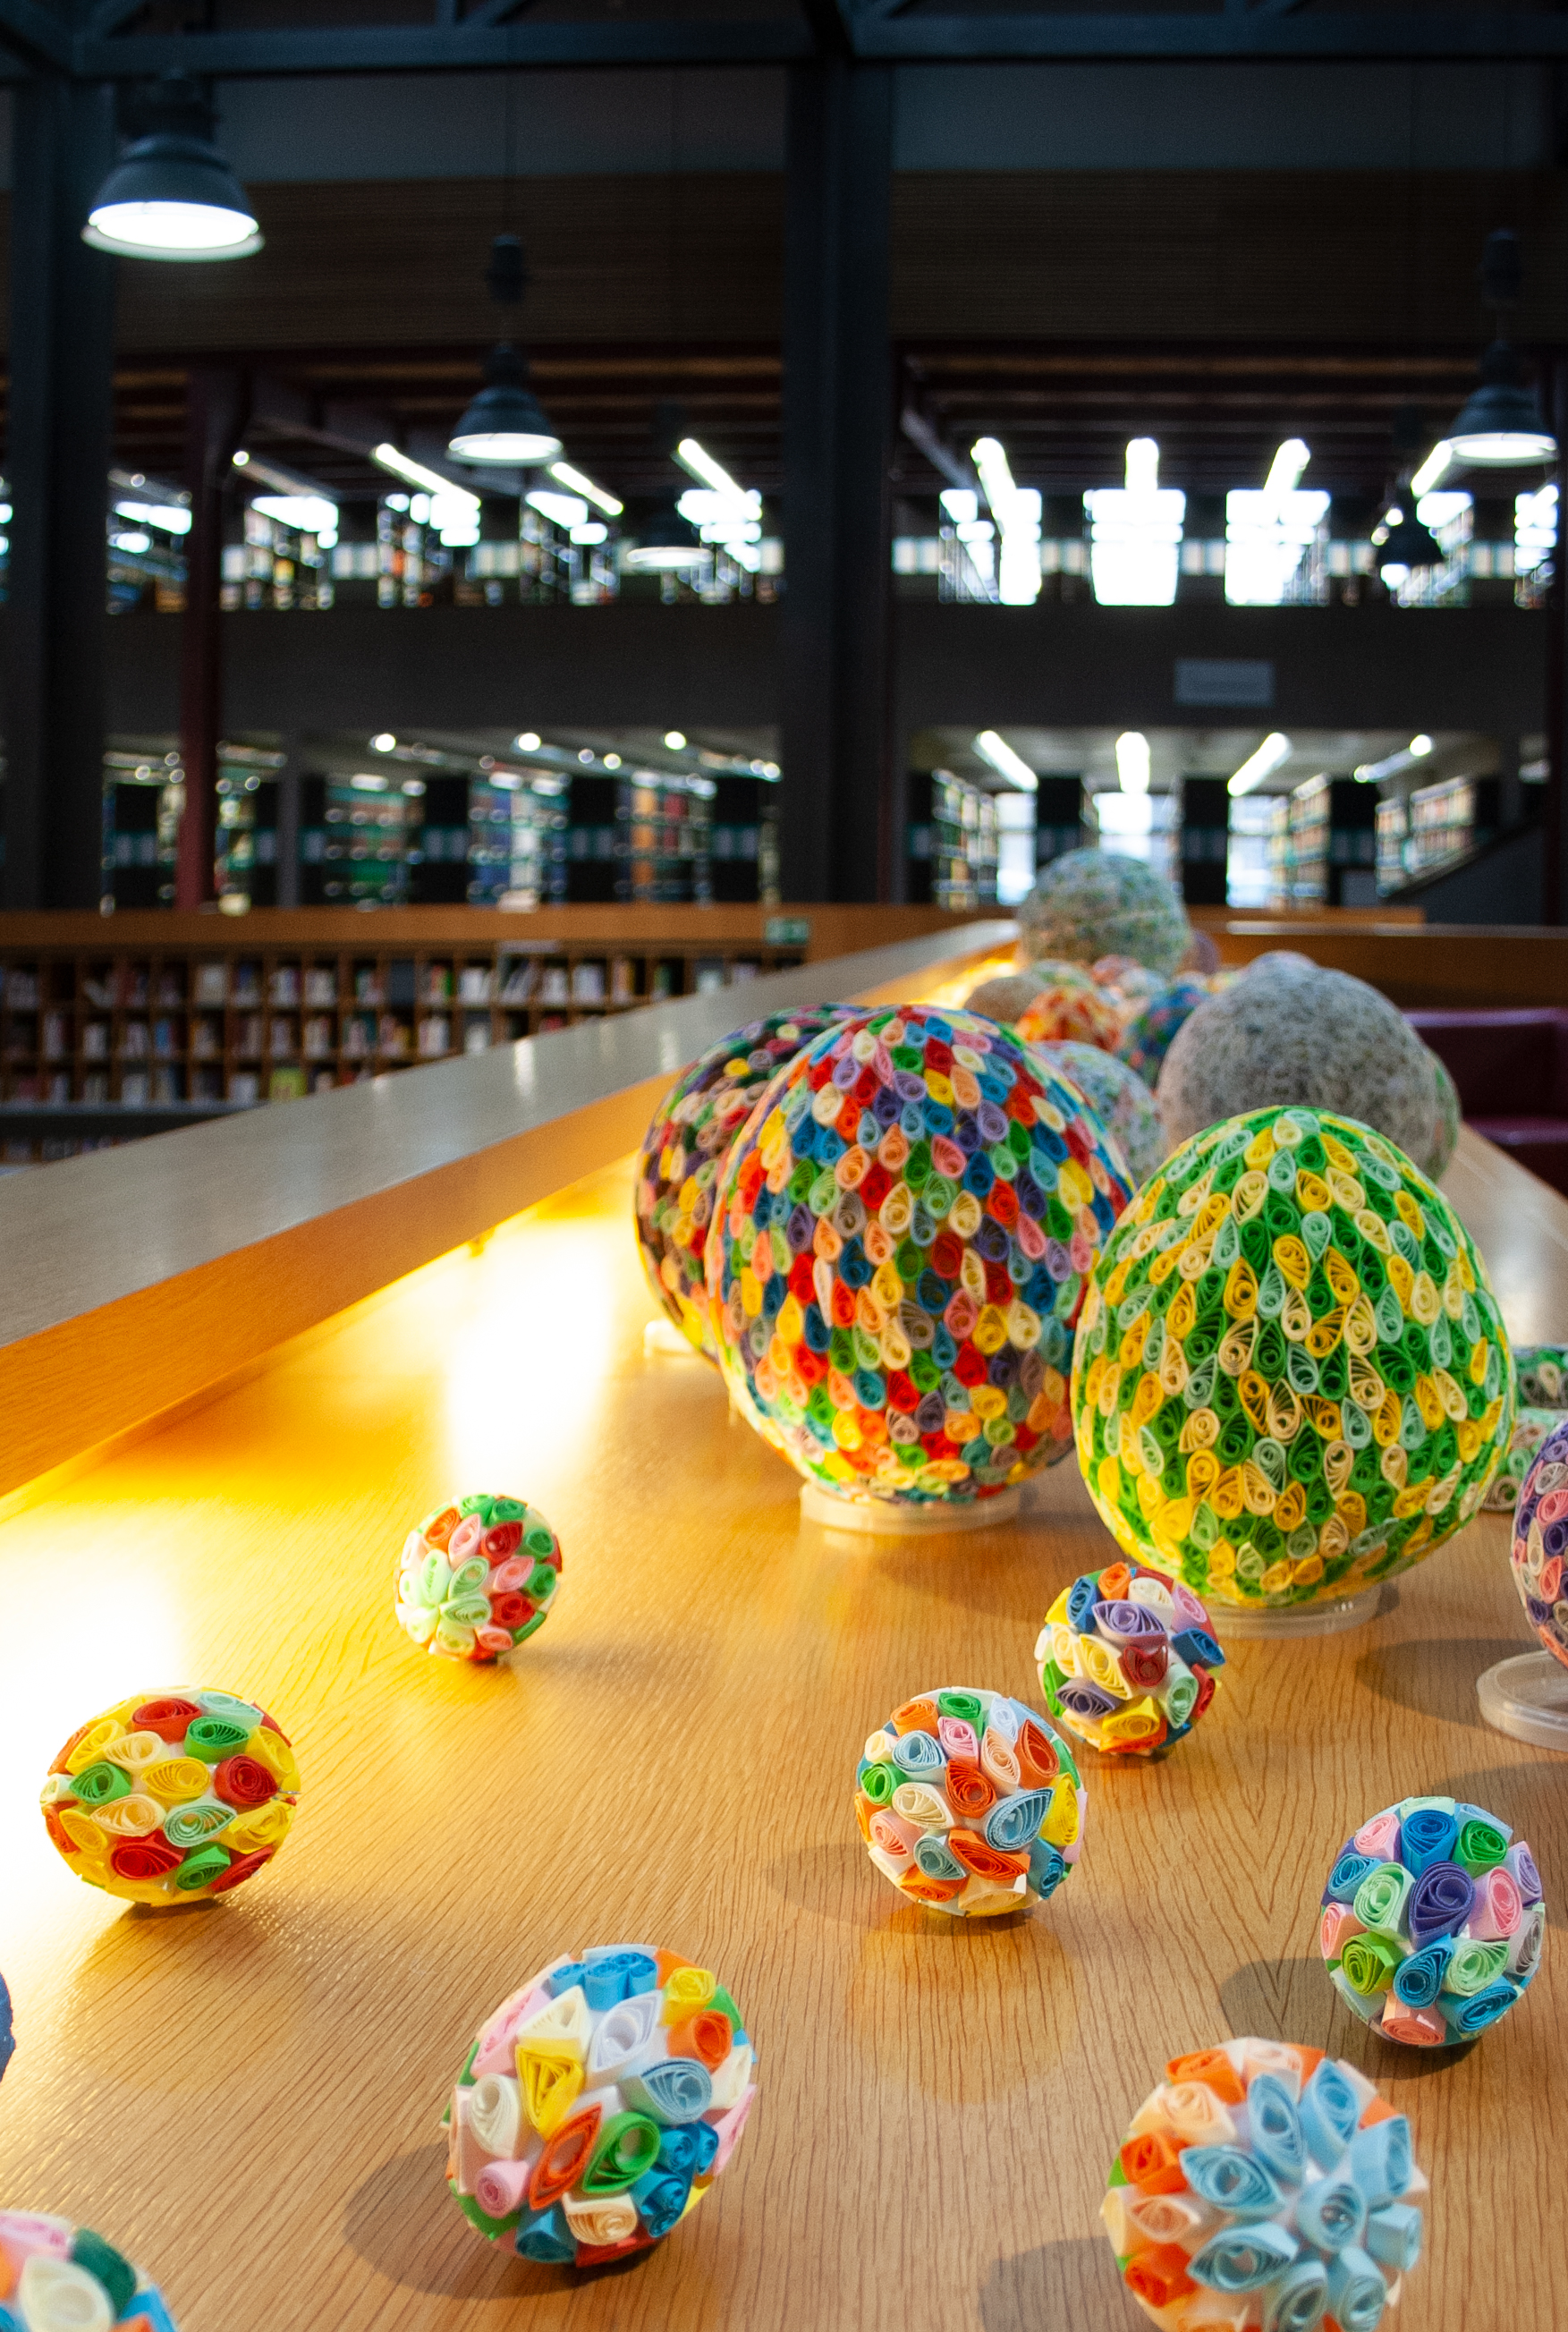 Überblick über mehrere eiförmige Objekte verschiedener Größe.